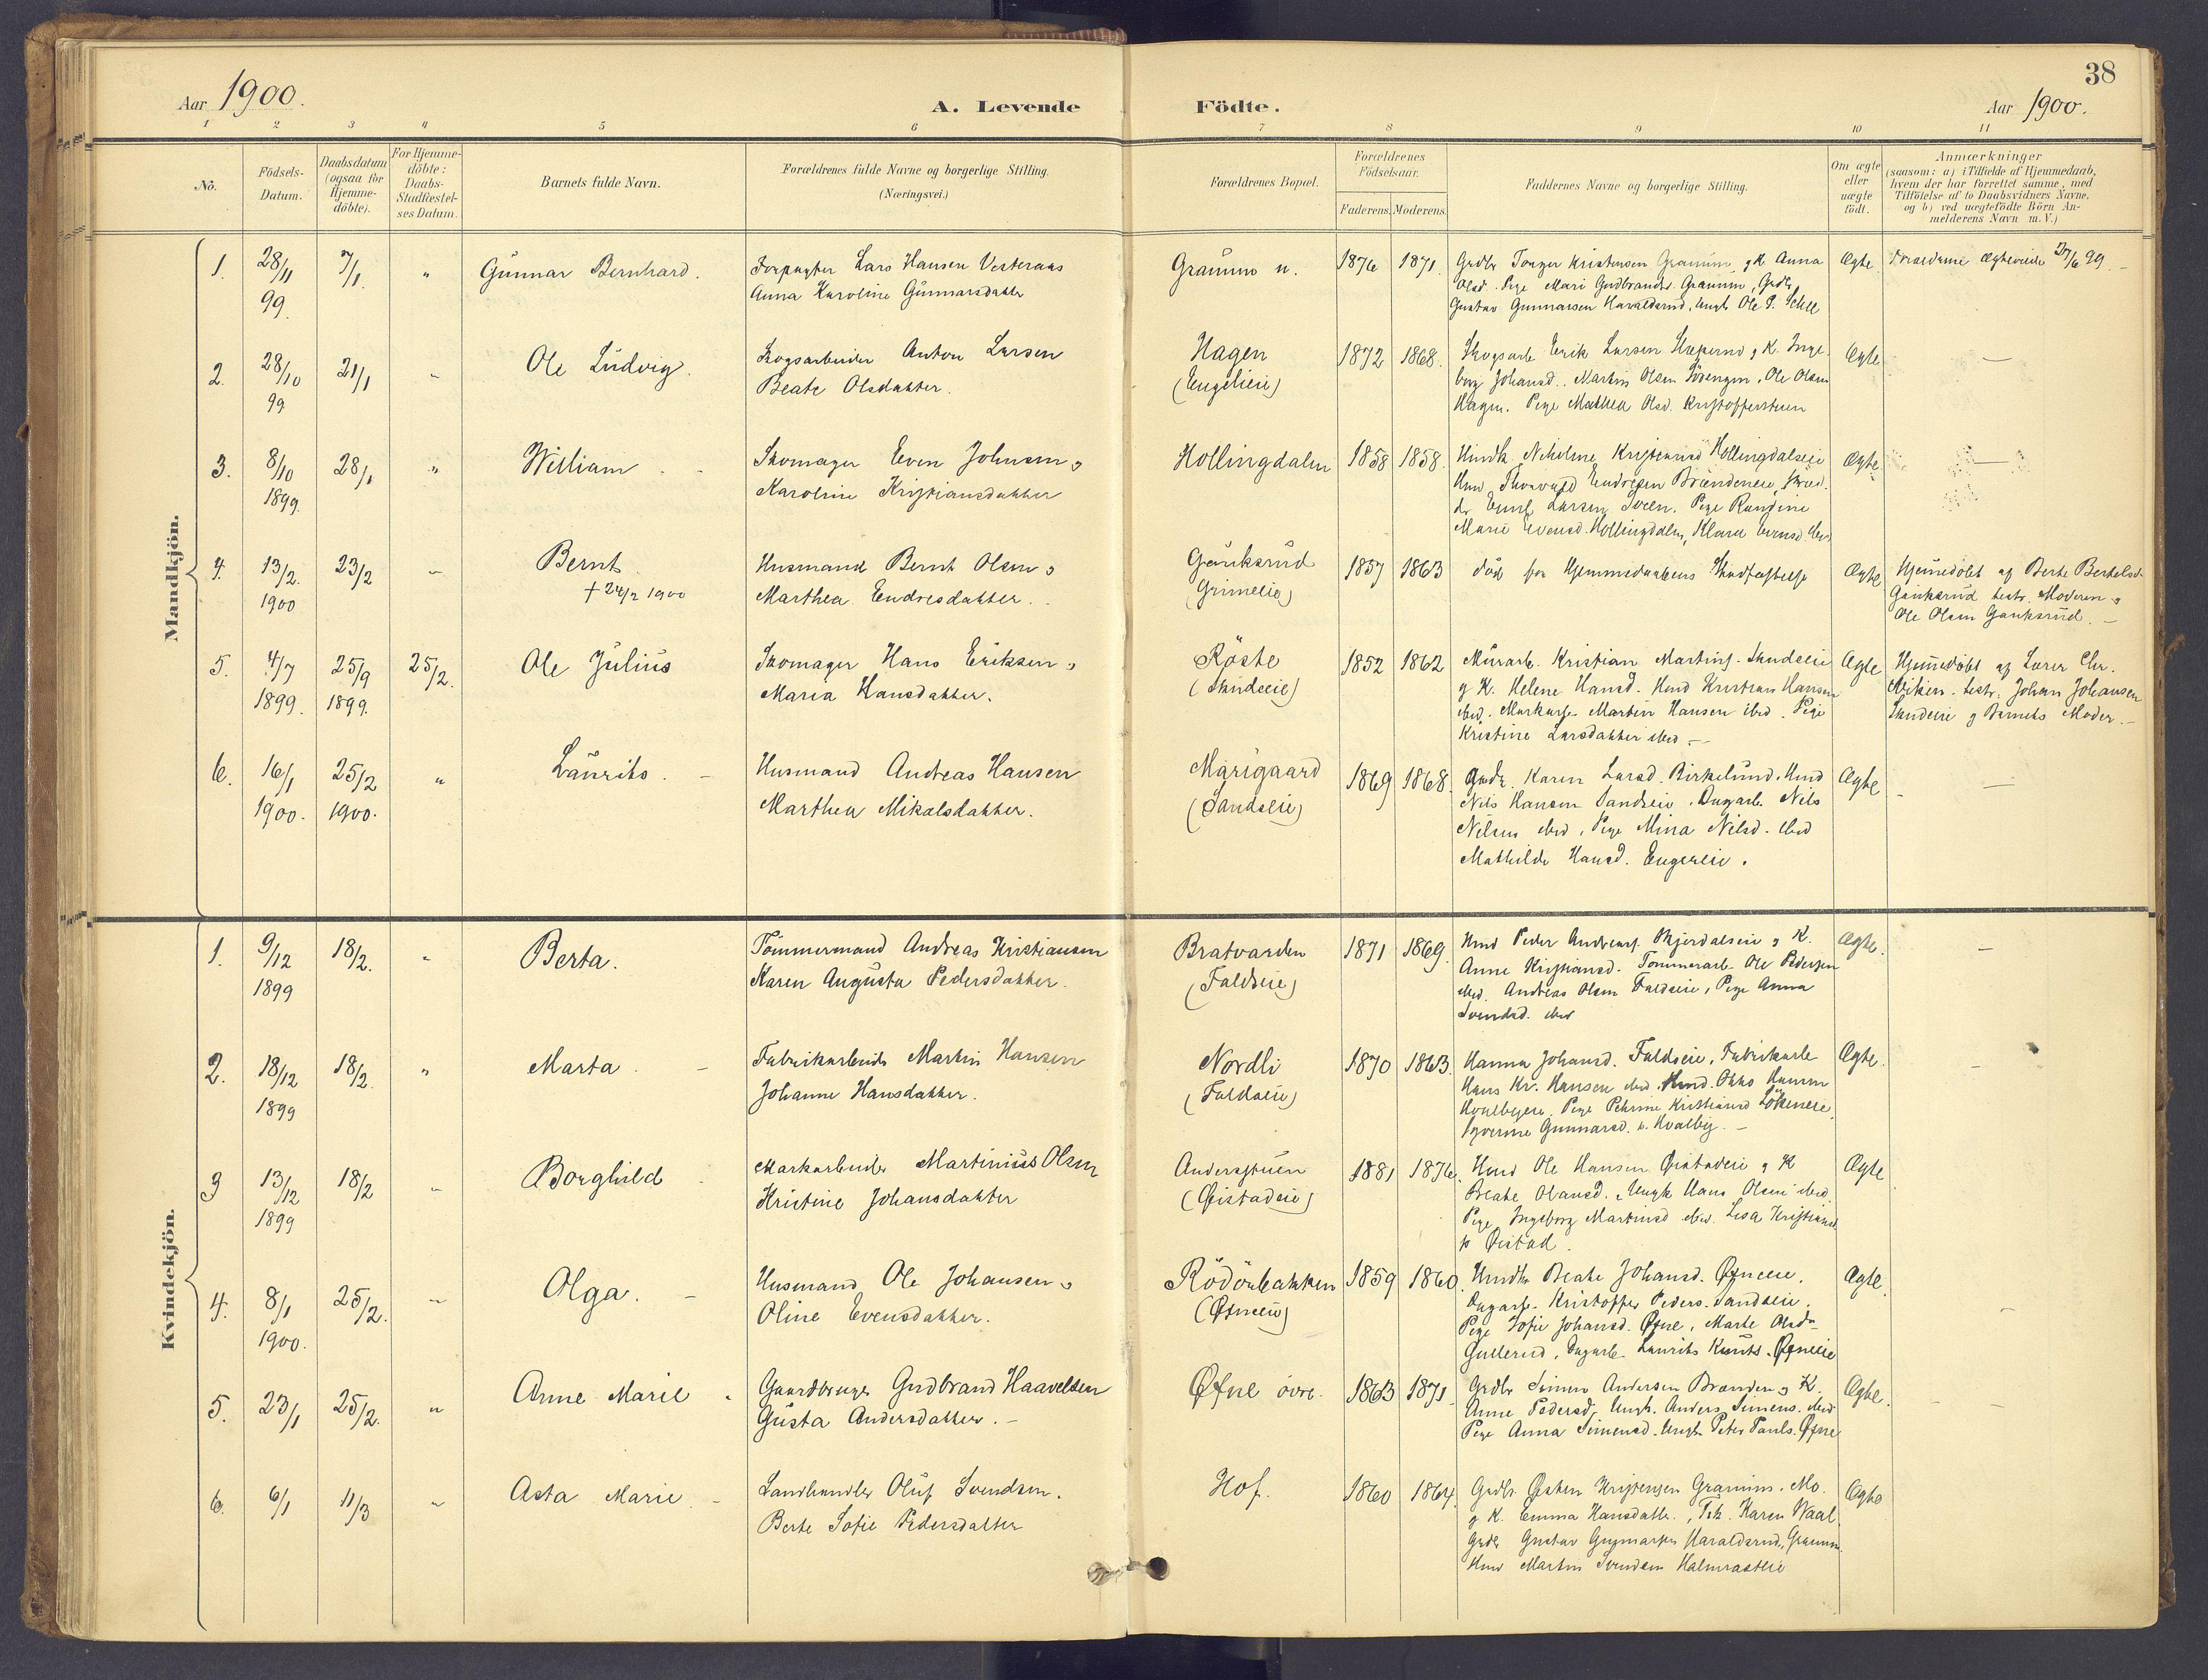 SAH, Søndre Land prestekontor, K/L0006: Ministerialbok nr. 6, 1895-1904, s. 38